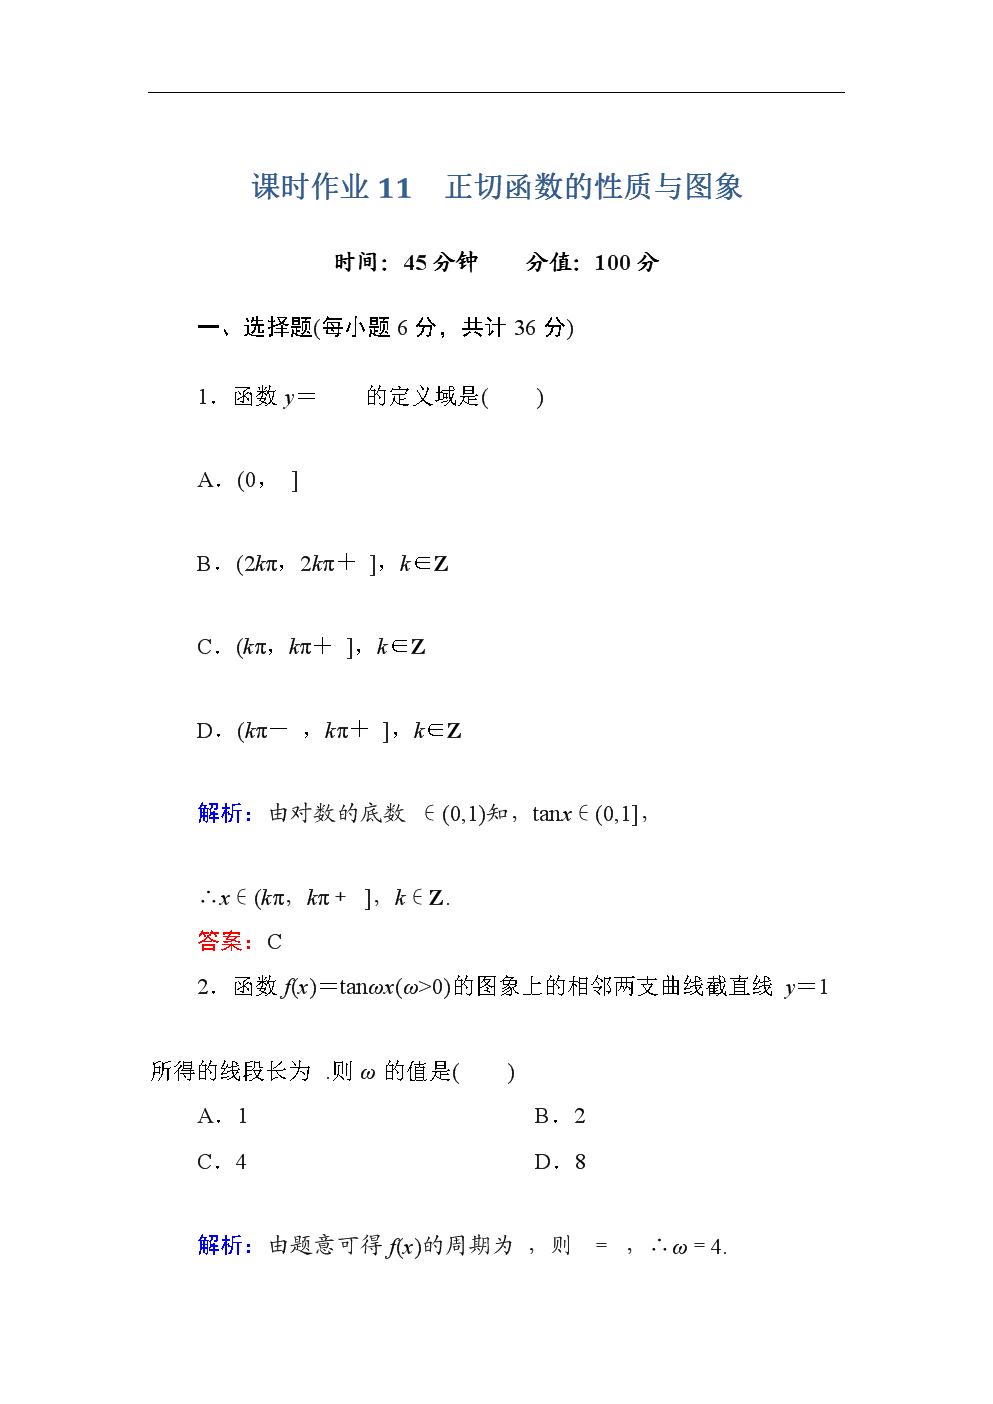 人教A版高中数学必修4课时作业11正切函数的性质与图象(附答案).doc